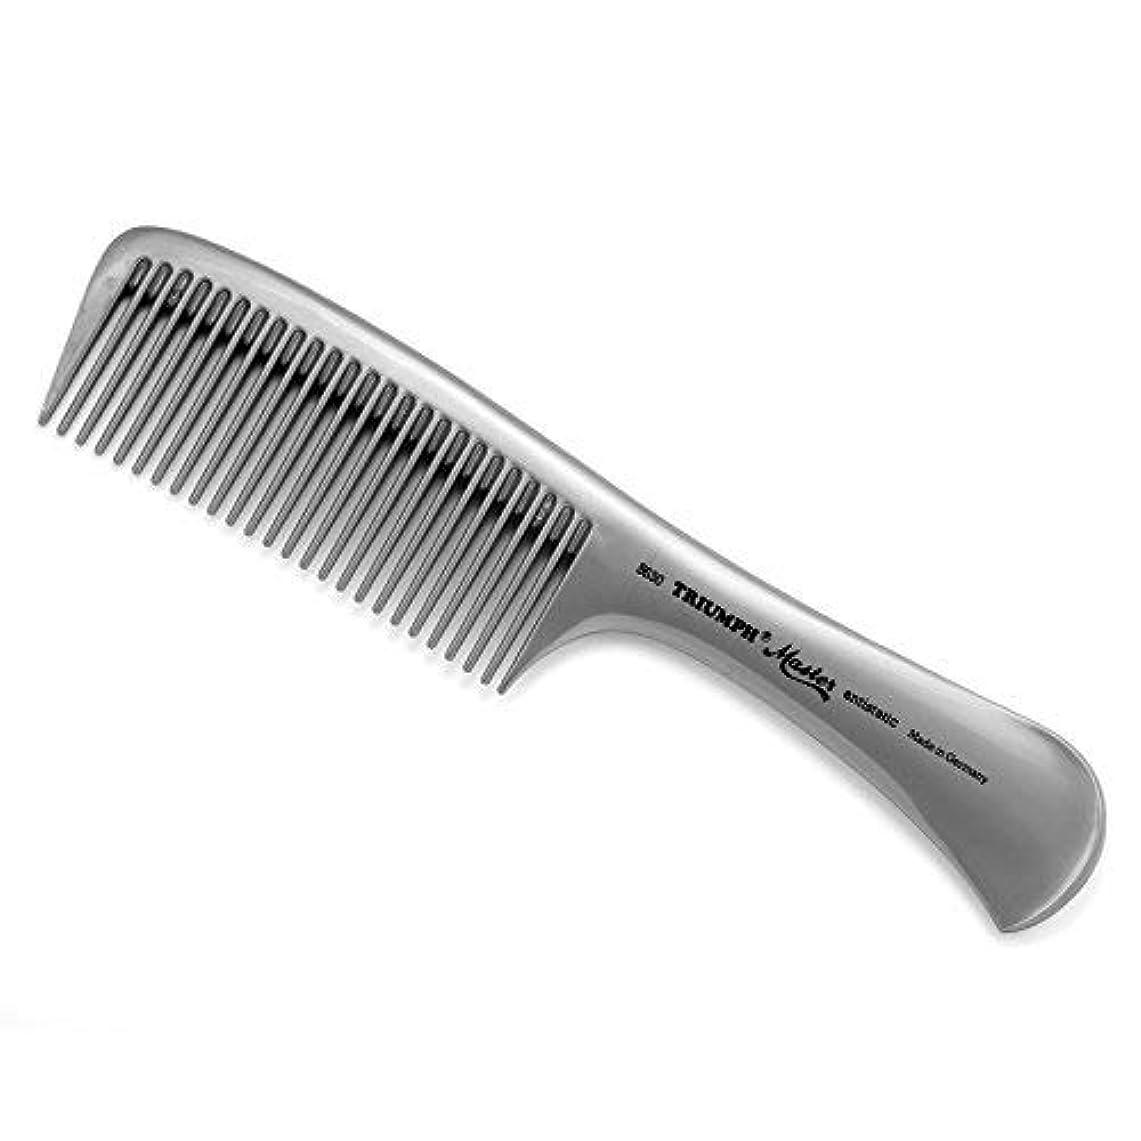 再現する火薬習字Triumph Master Handle Comb Silver 8.5